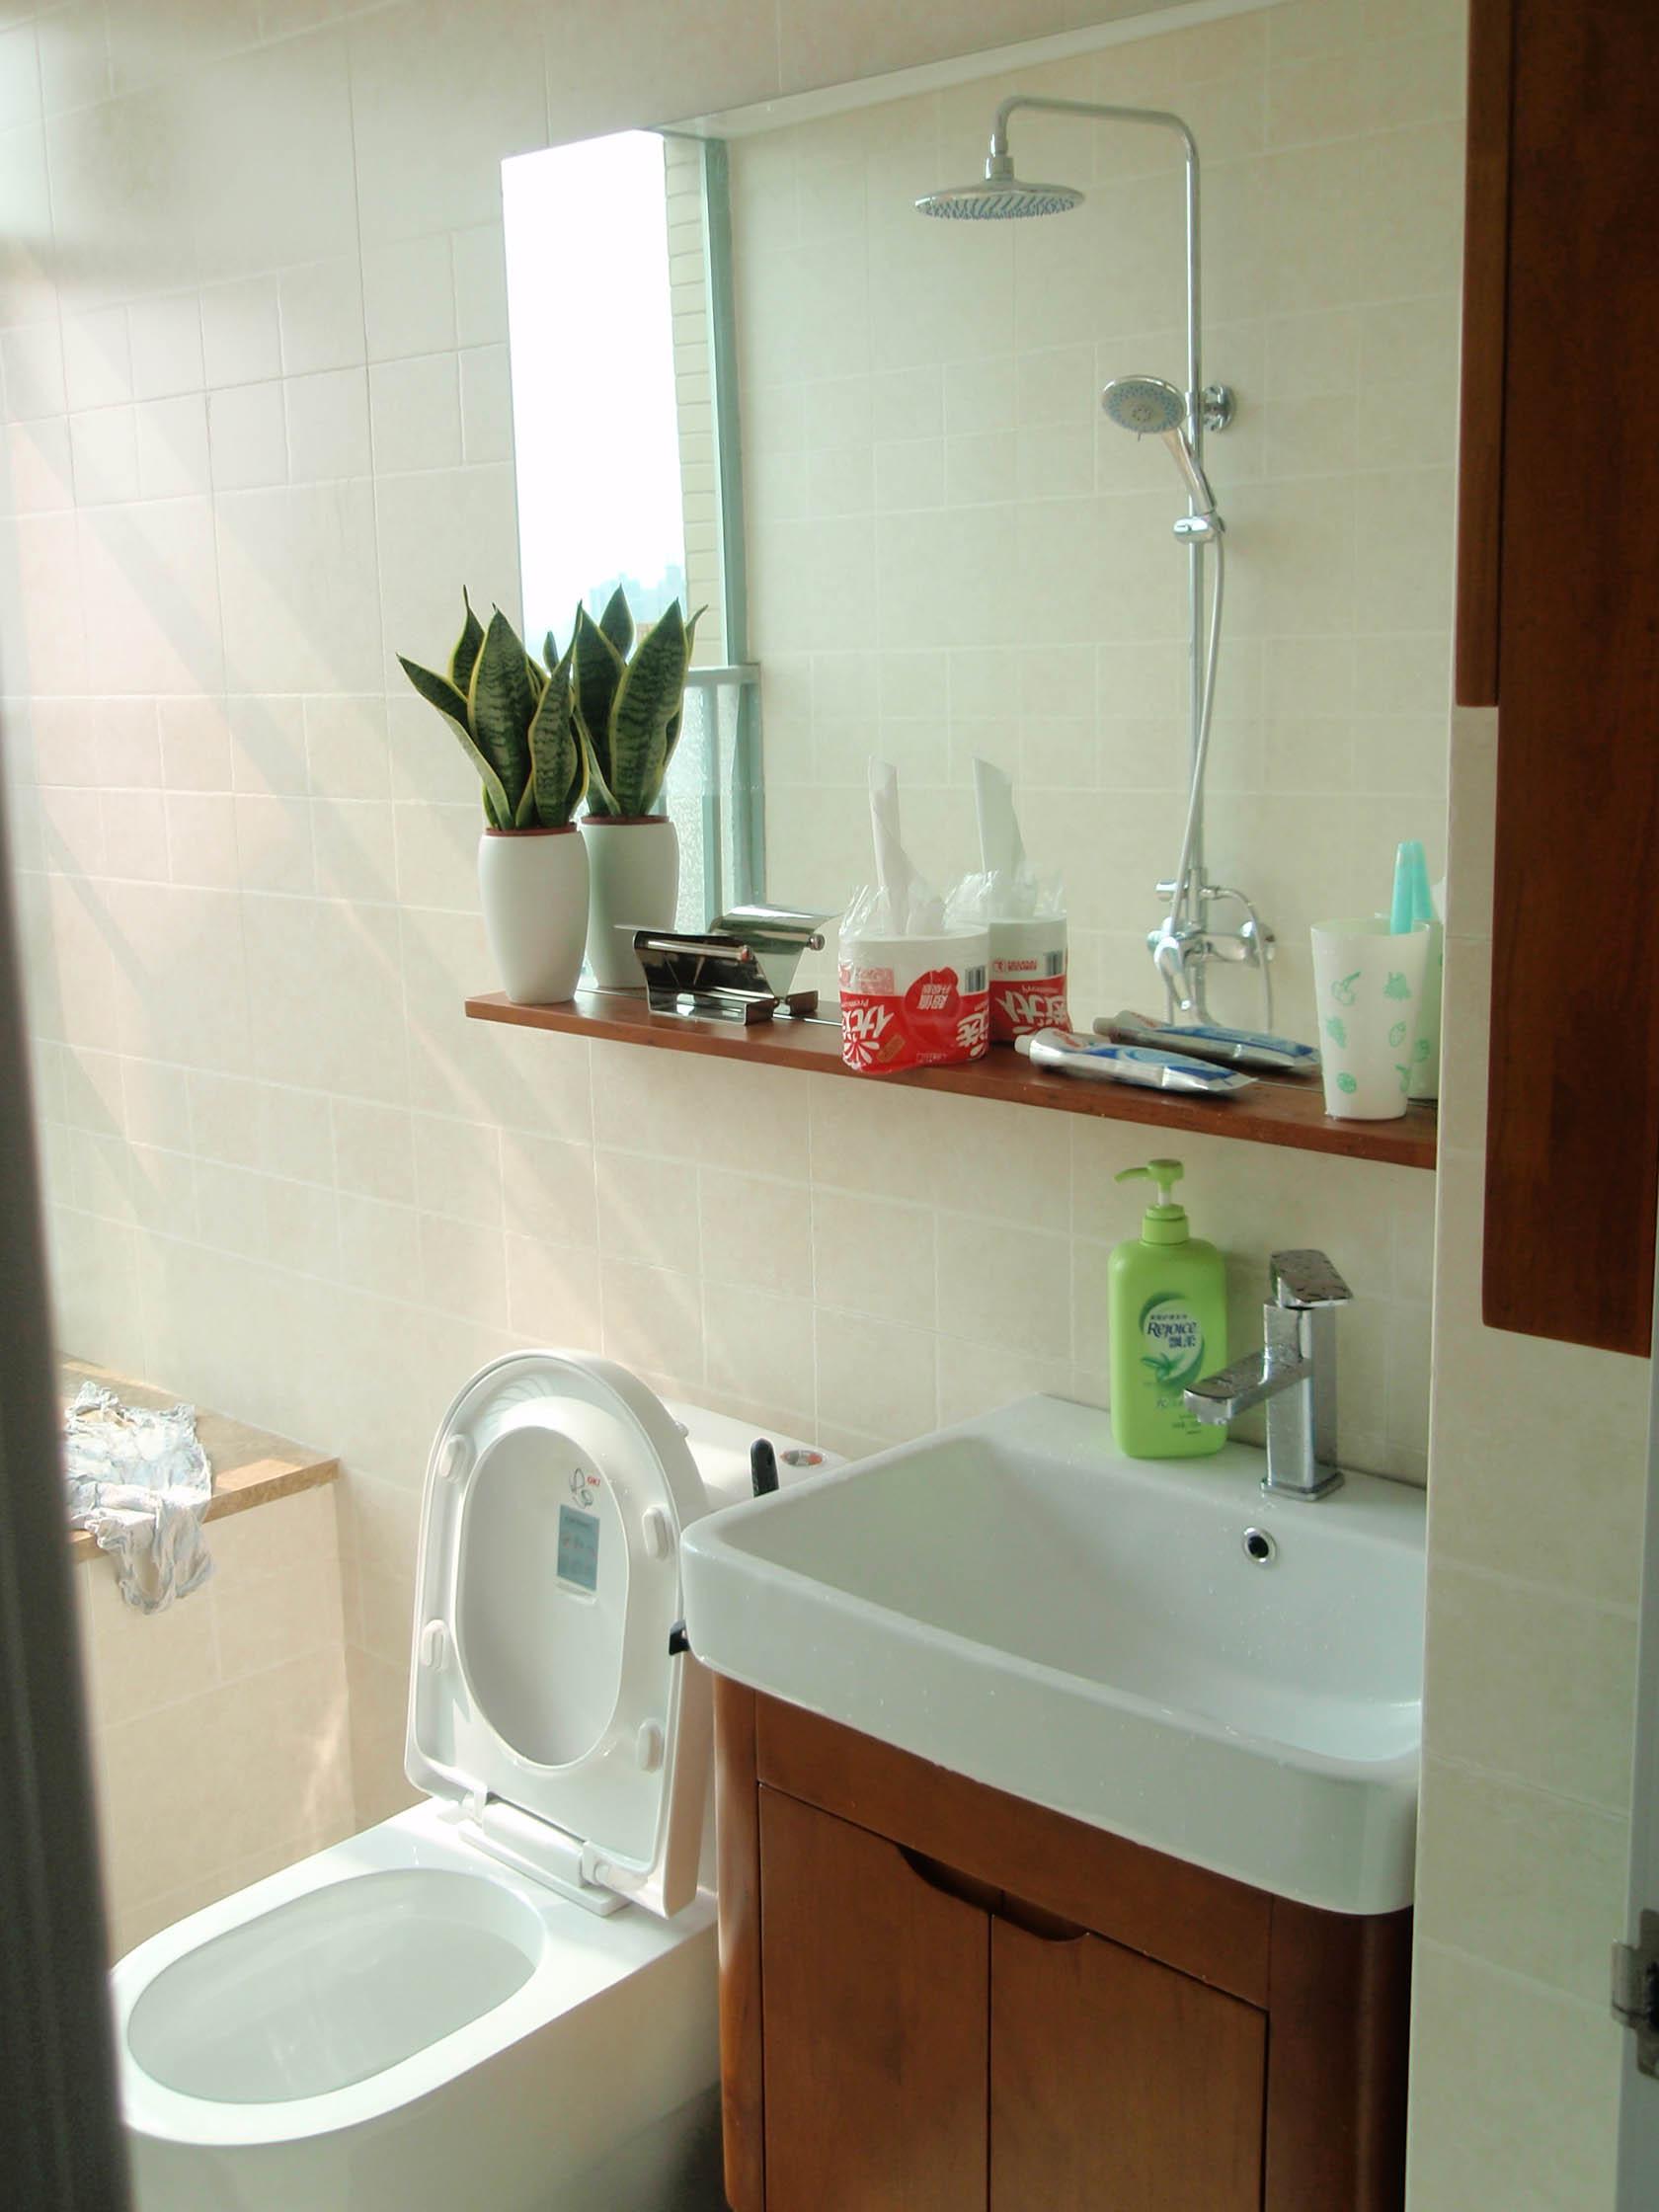 小厕所的马桶和镜子排放图片